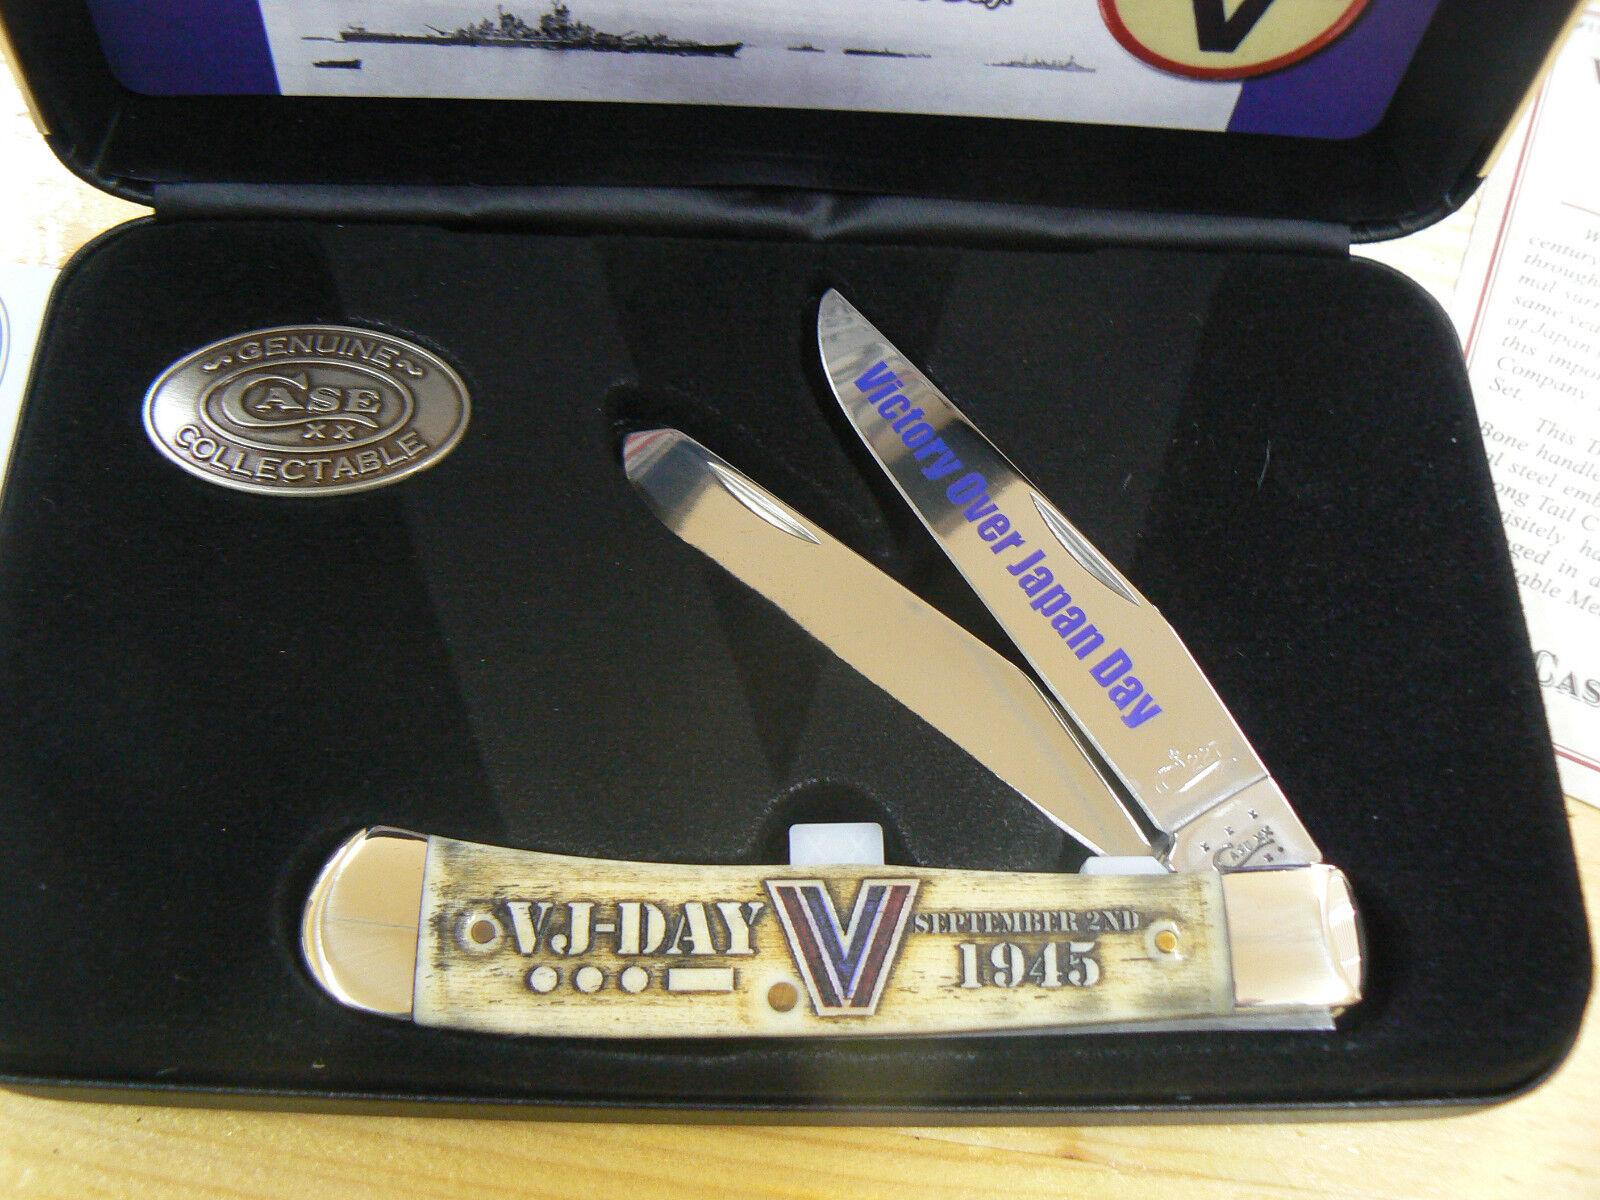 NUOVO Case CA11950 VJ-Day Commemorative Trapper coltello knife couteau navaja